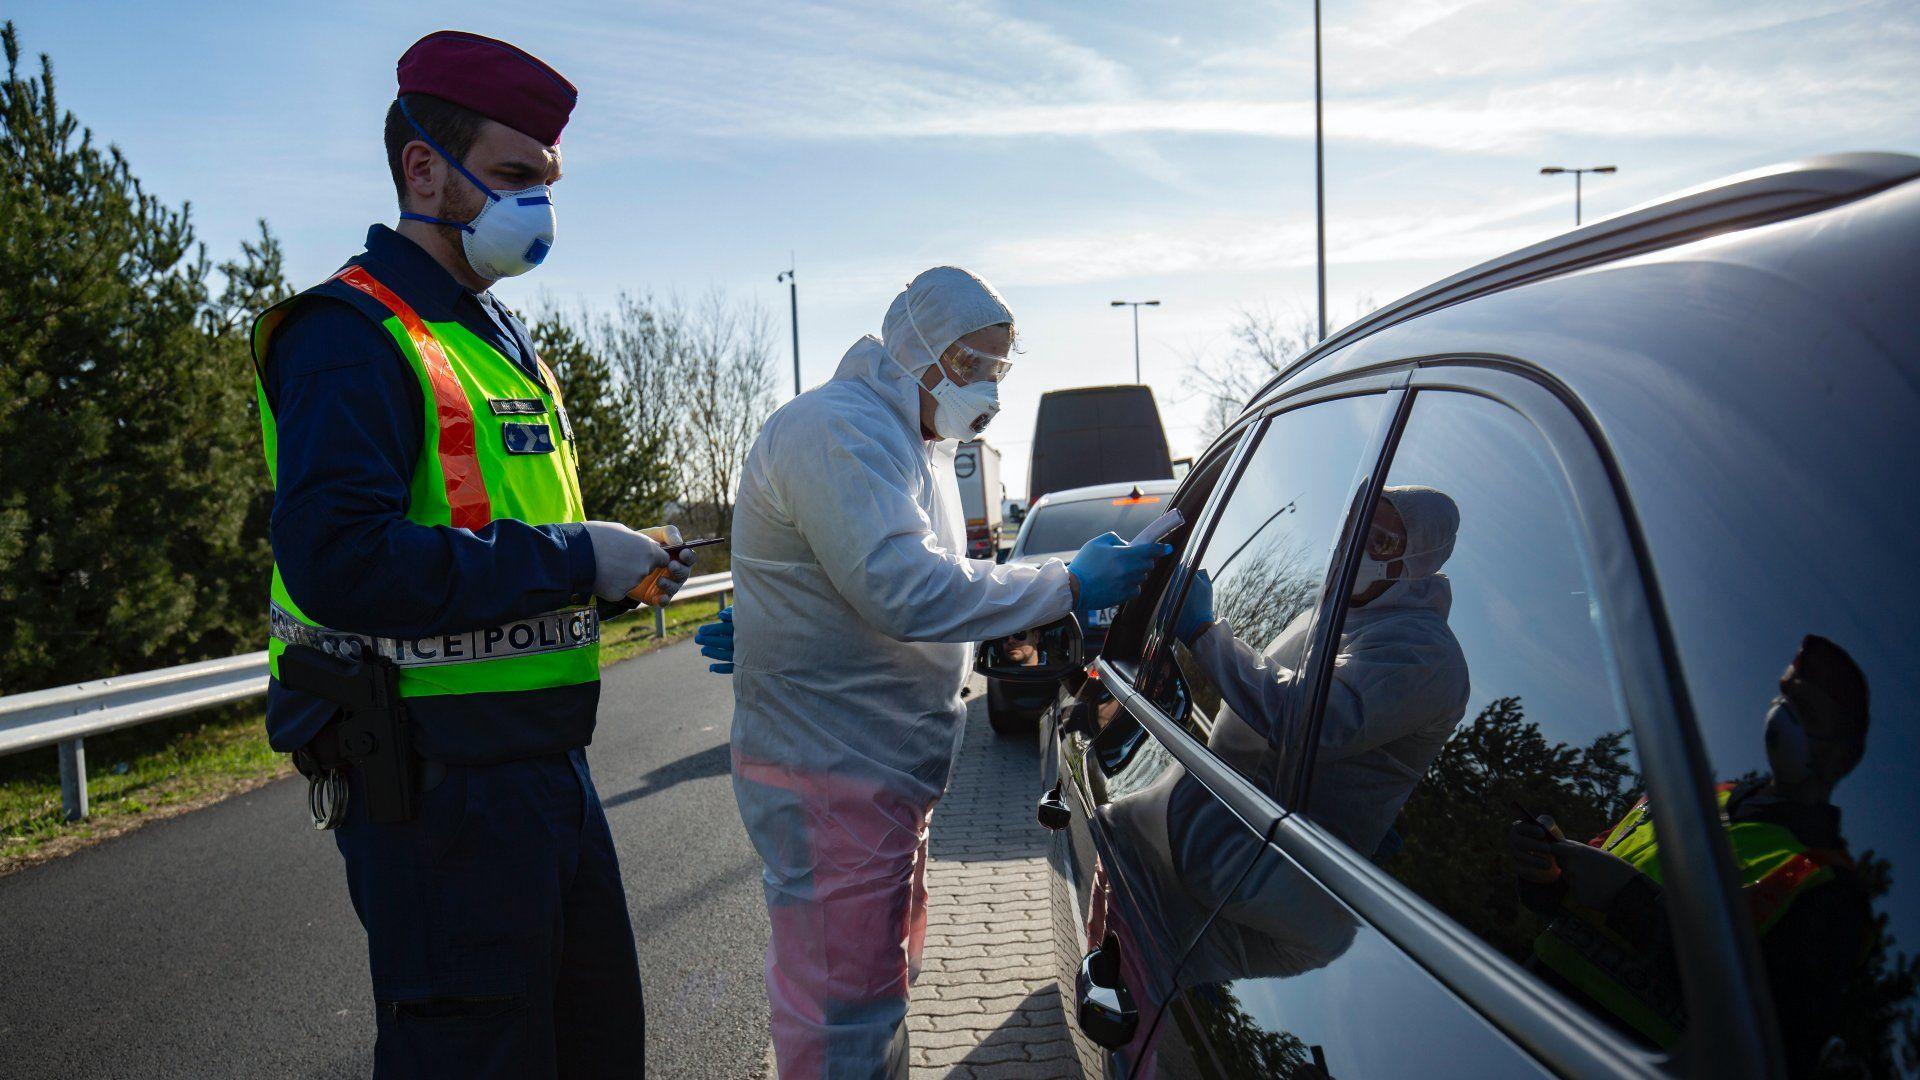 Az új koronavírus-járvány miatt bevezetett határellenőrzésen rendőr és mentő ellenőriz egy beérkező autóst a magyar–szlovén határ közelében, az M70-es autópálya csörnyeföldi pihenőhelyénél 2020. március 12-én (Fotó: MTI/Varga György)